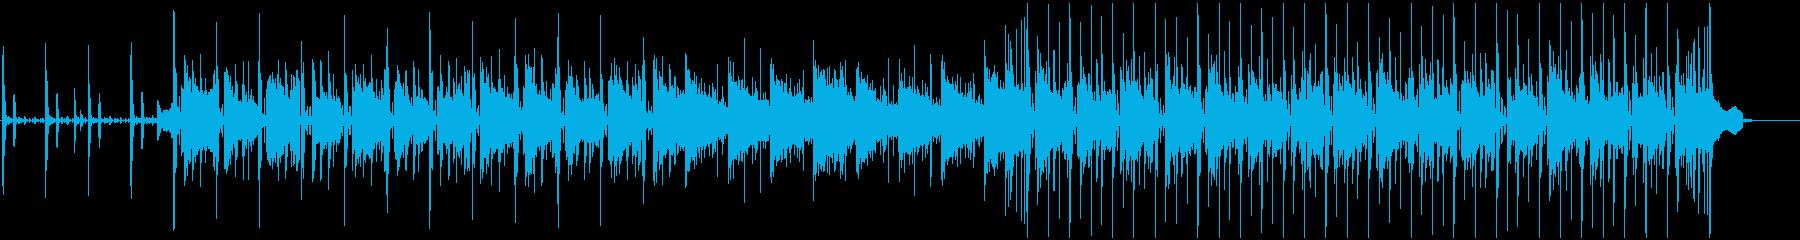 ロードス、ピアノ、ギター、クラビネ...の再生済みの波形